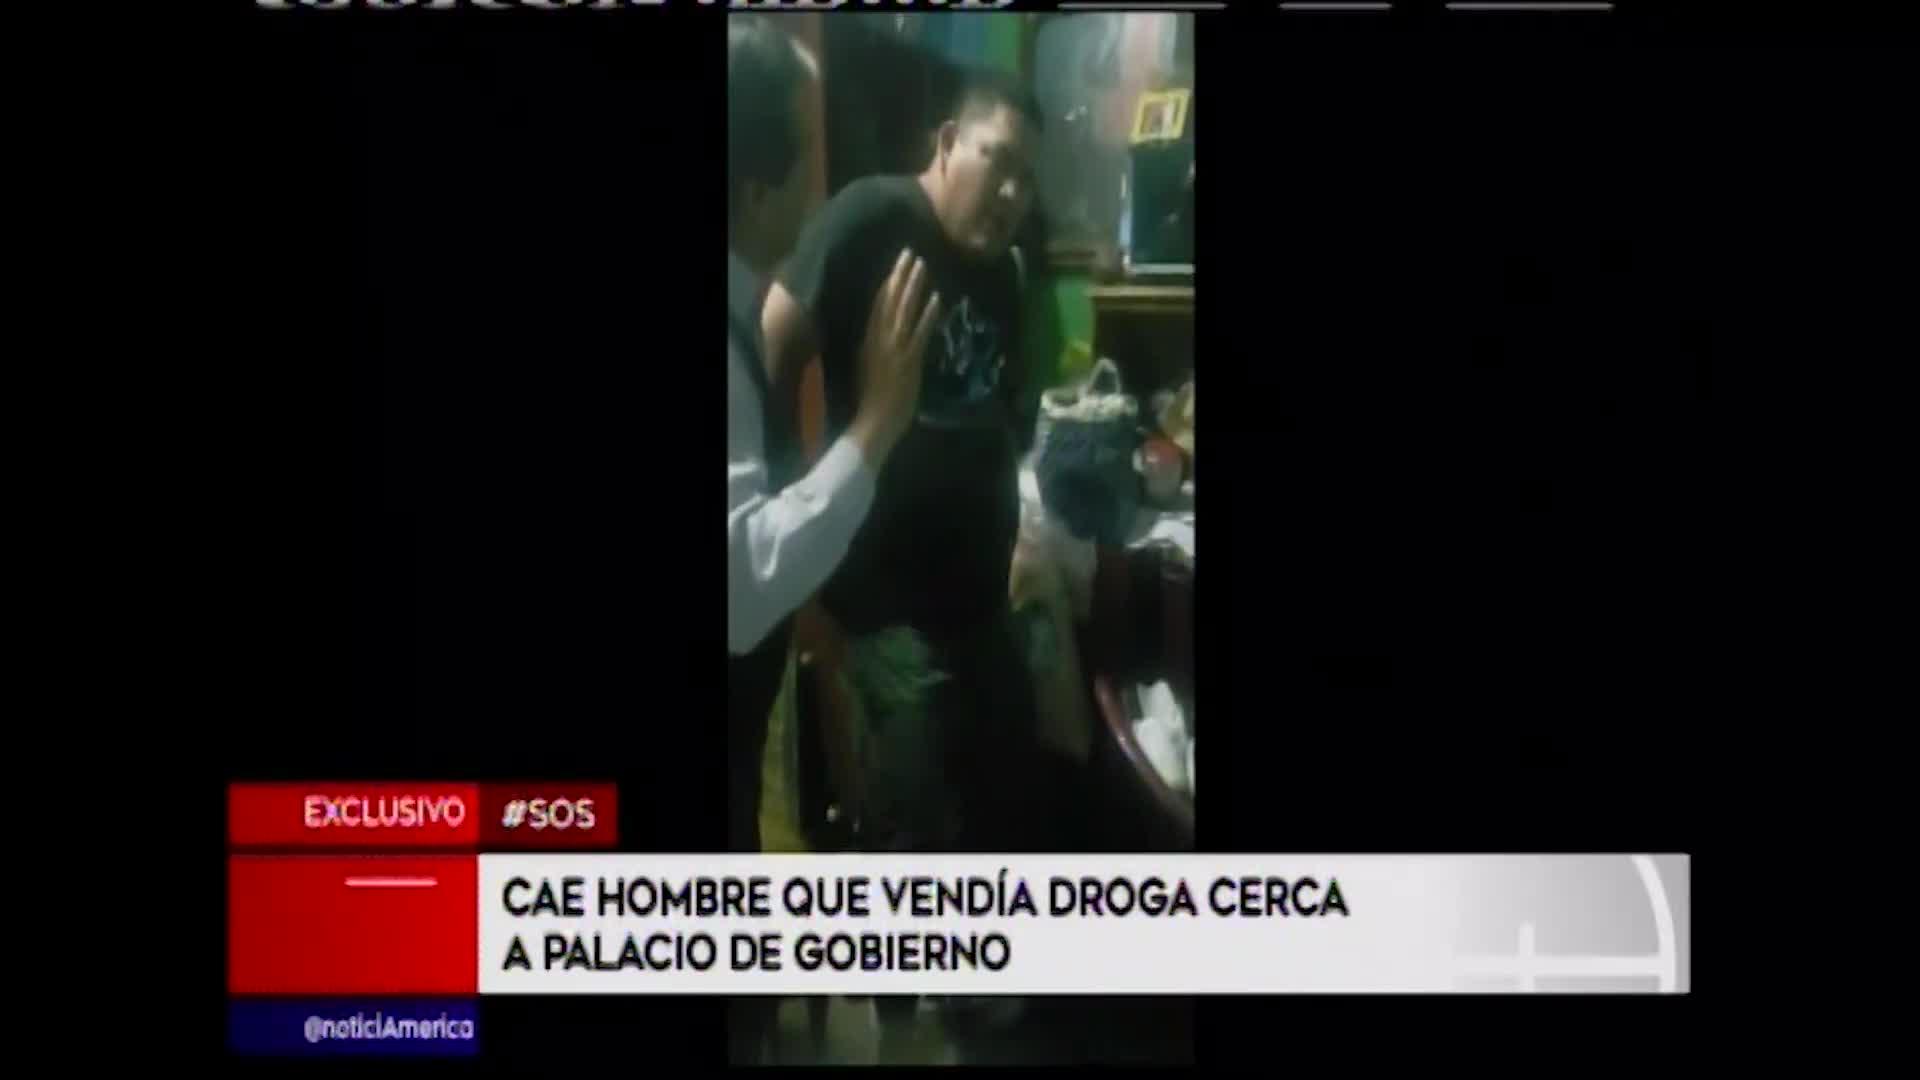 Cercado de Lima: capturan a sujeto que vendía droga cerca de Palacio de Gobierno